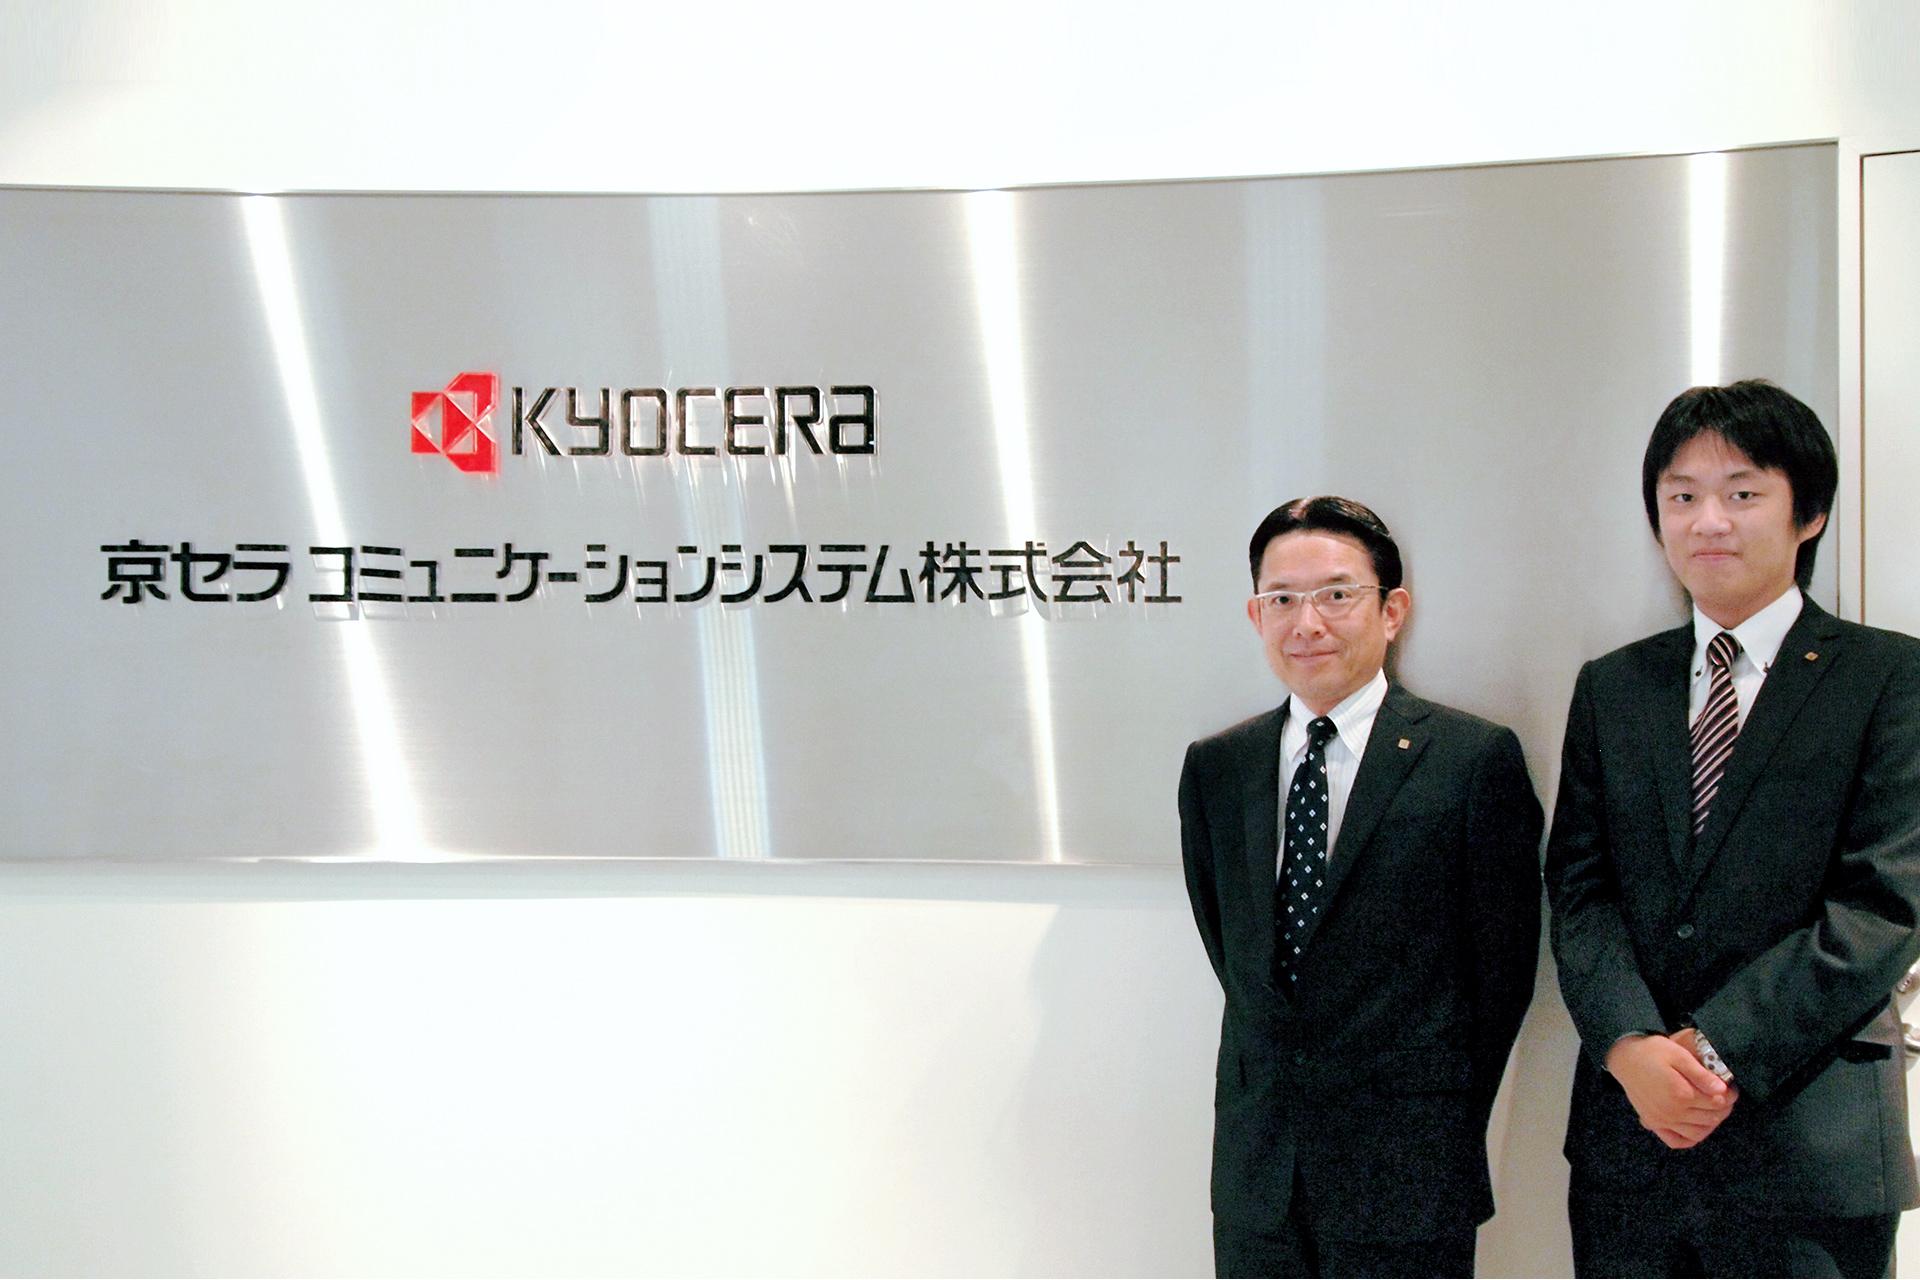 お客様の声 | 京セラコミュニケーションシステム株式会社 様 -アントレンド 様